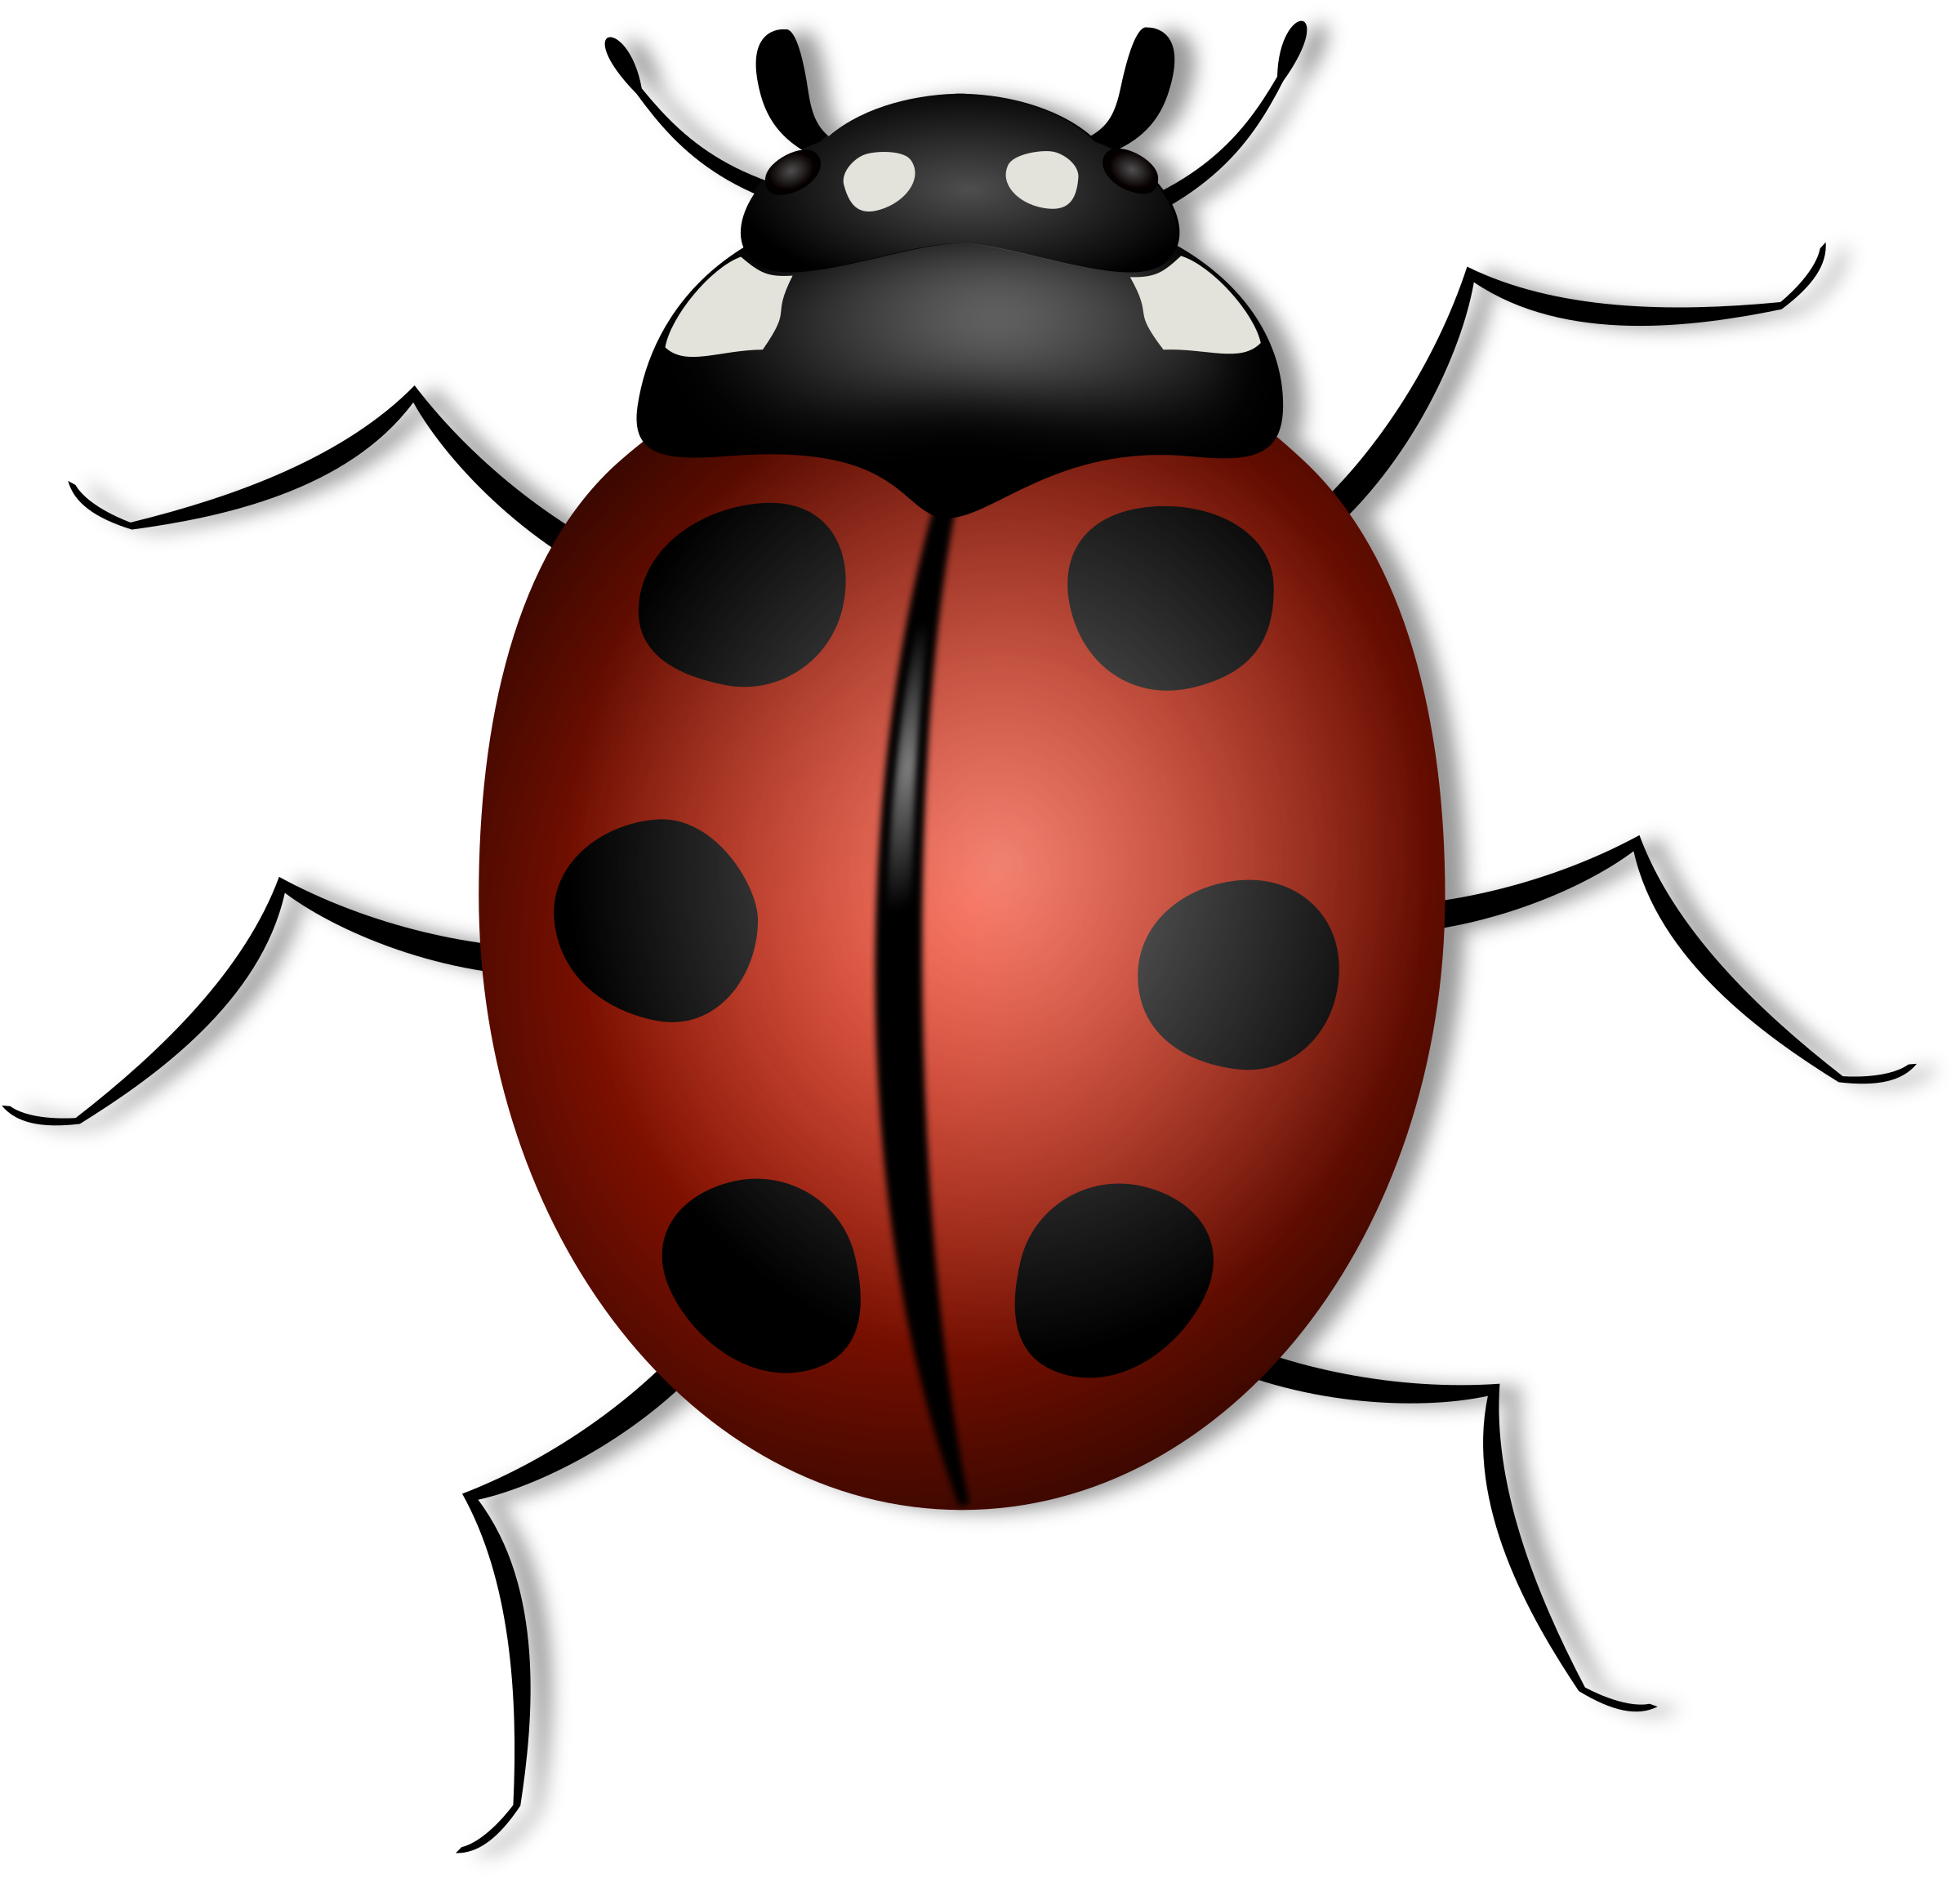 Ladybugs clipart file. Ladybug big image png